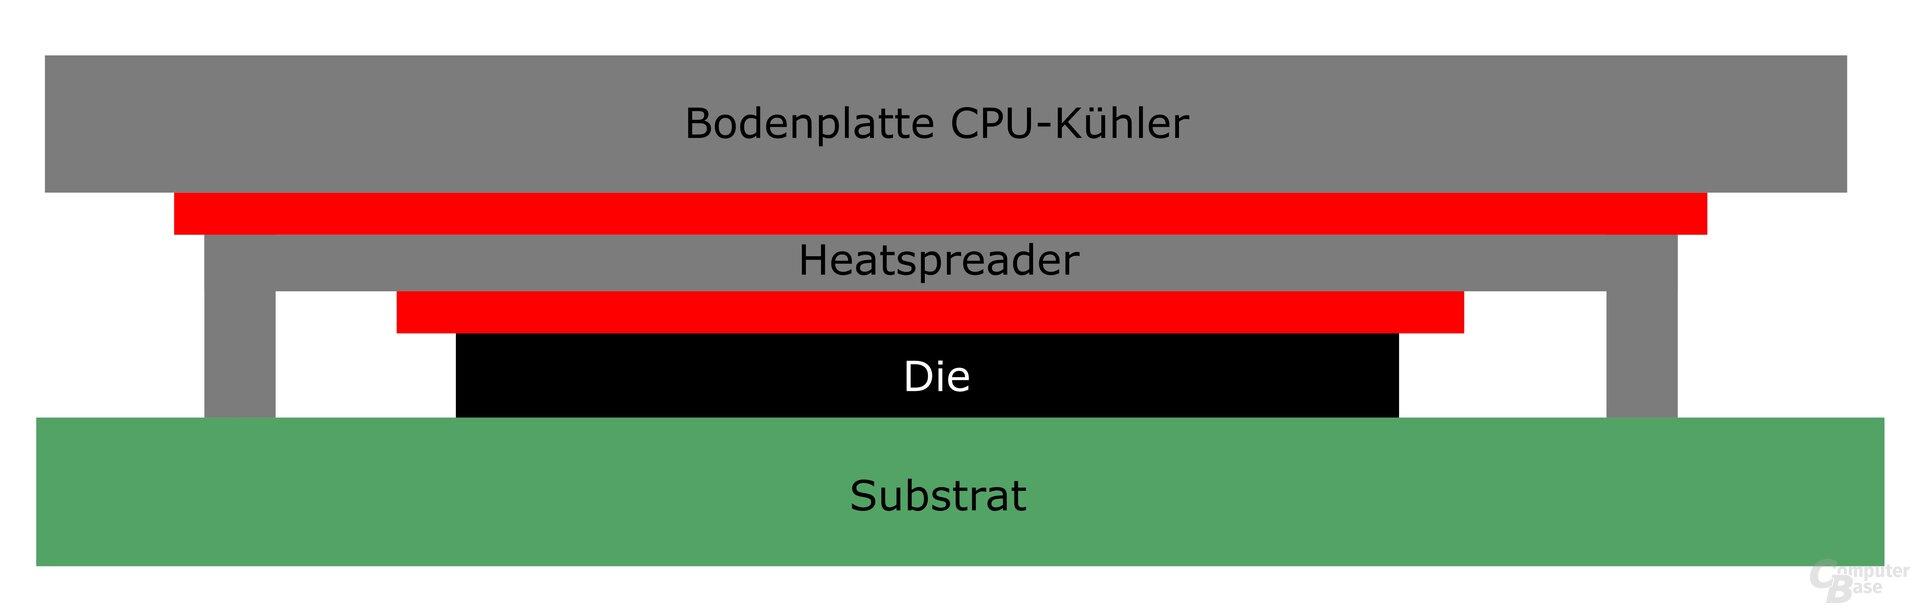 Zwischen Die und Heatspreader sowie zwischen Heatspreader und Kühler müssen Abstände durch Wärmeleitmittel (rot) überwunden werden